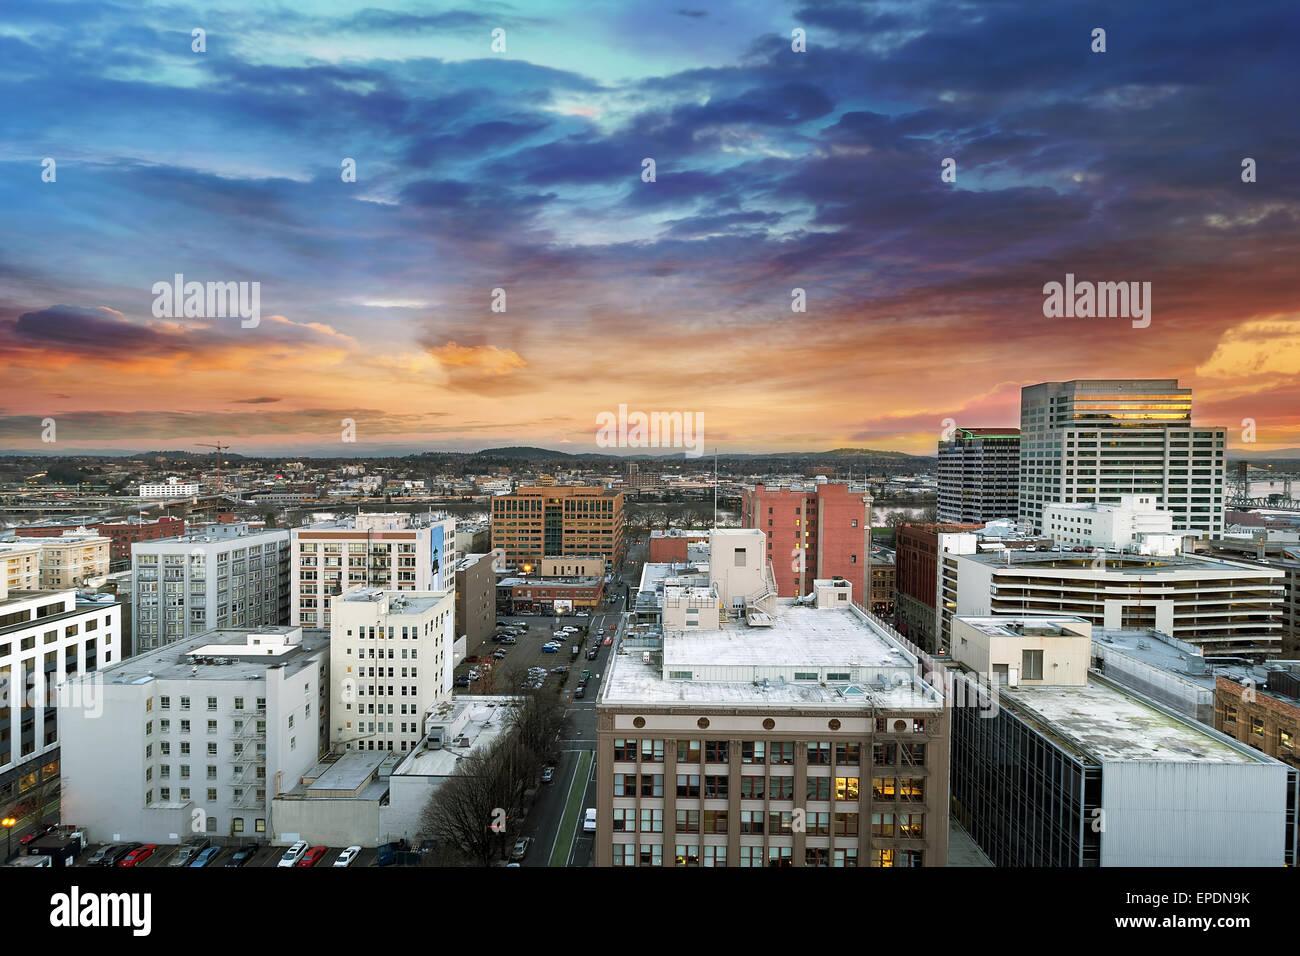 Atardecer en el centro de Portland, Oregón, ciudad con el Monte Hood en la lejana Imagen De Stock